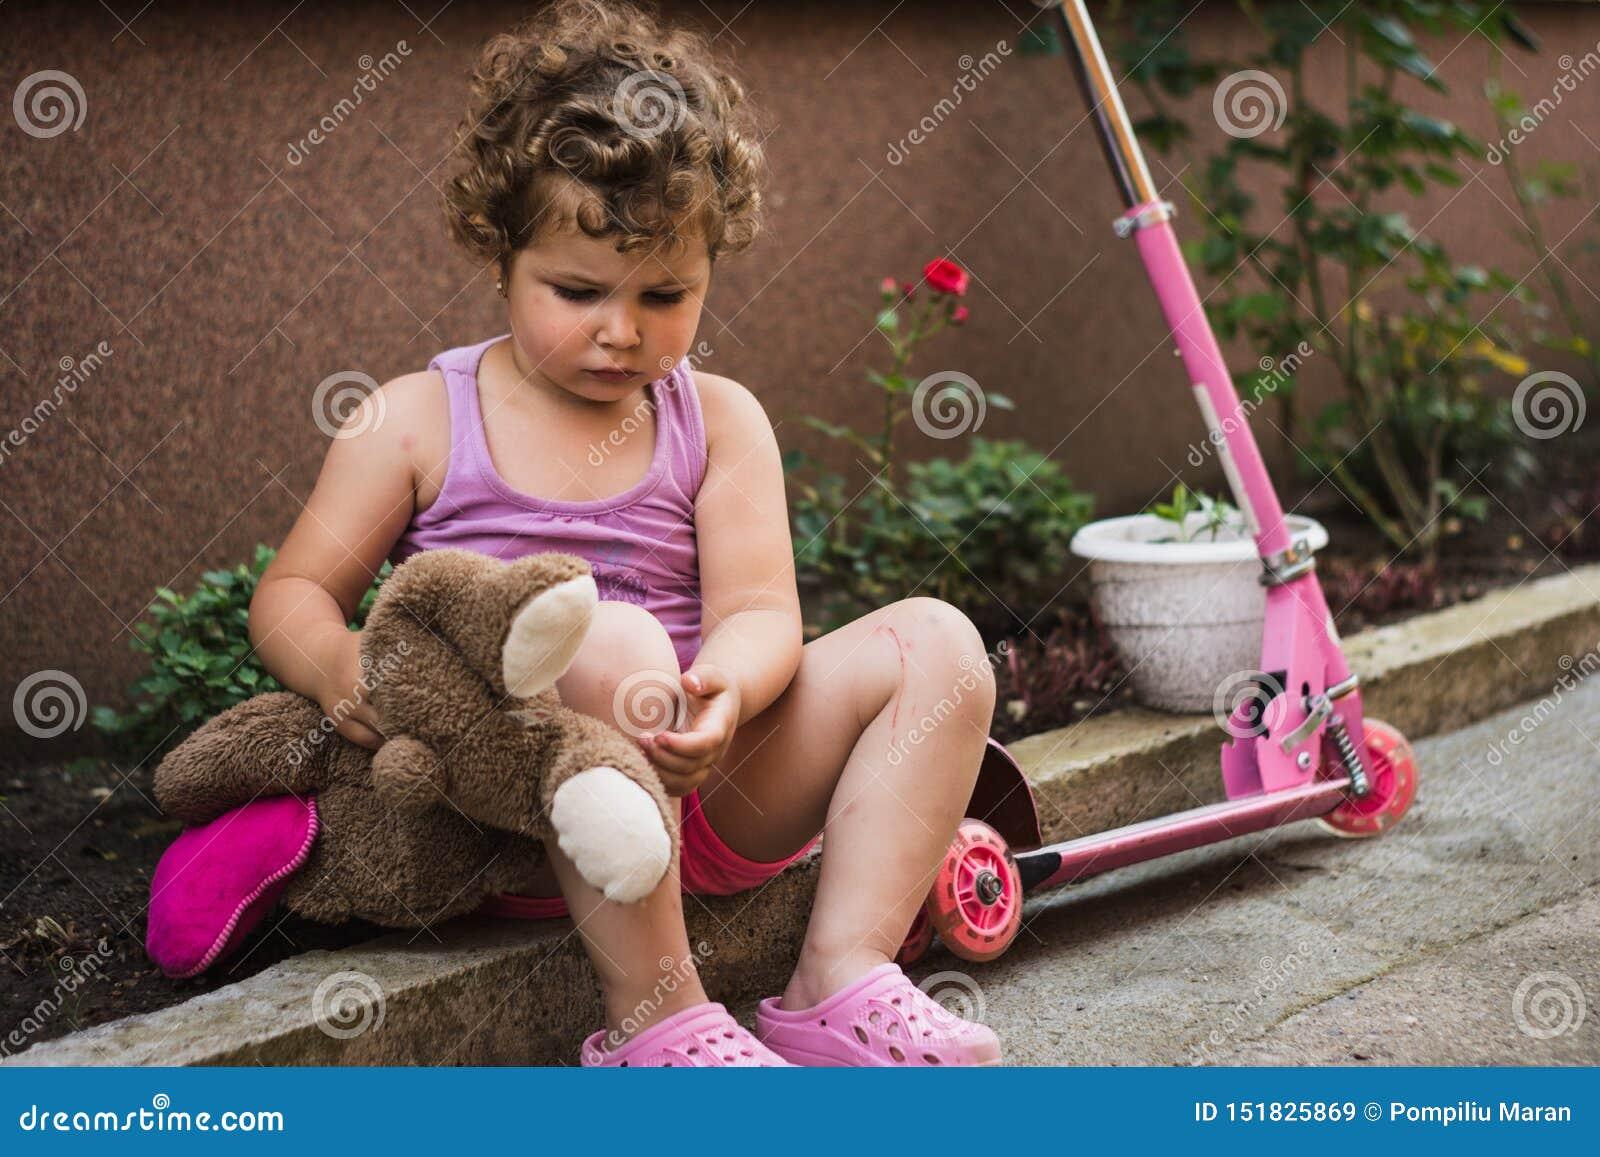 Den söta lilla flickan med lockigt hår är sitta och vila nära hennes rosa sparkcykel i borggården